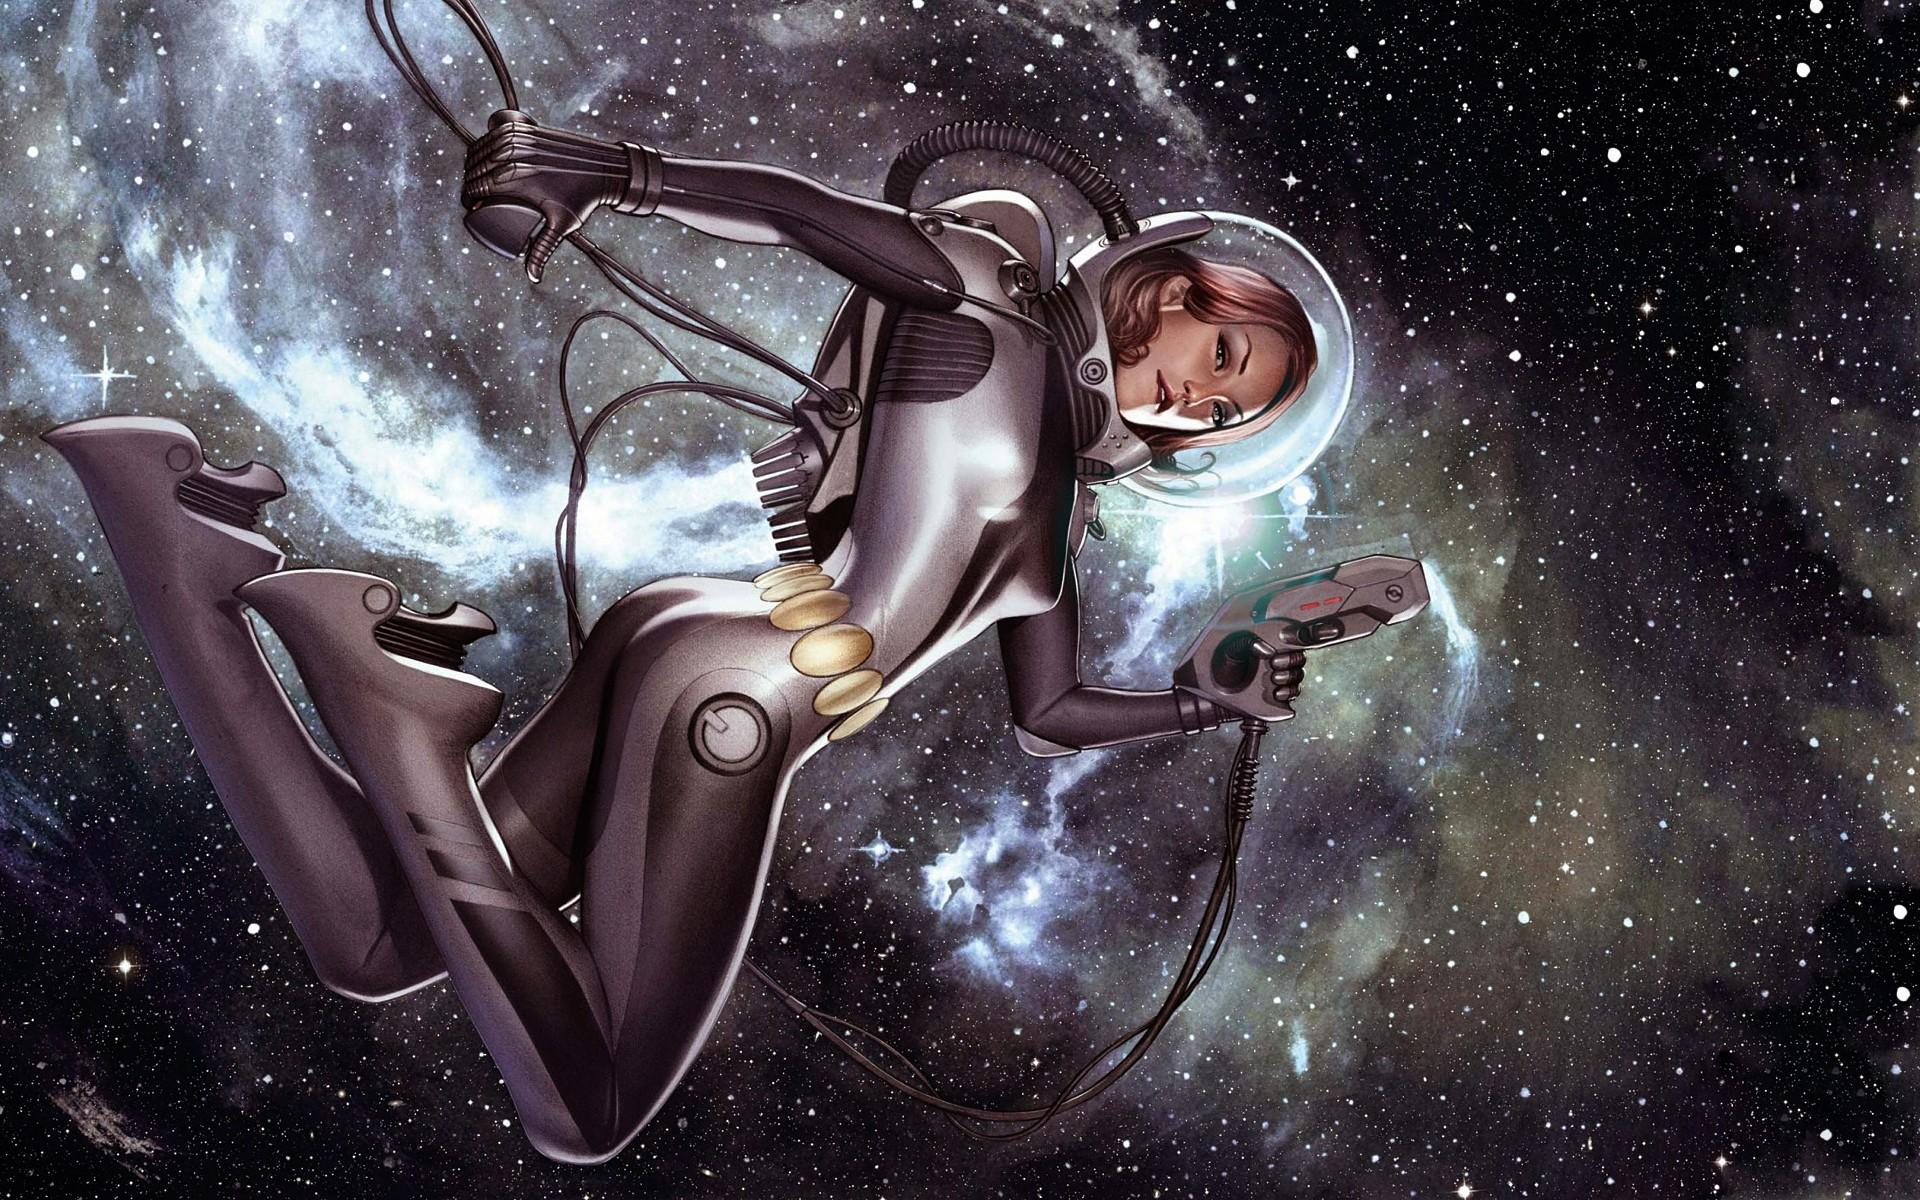 General 1920x1200 space astronaut space art vintage women artwork science fiction science fiction women